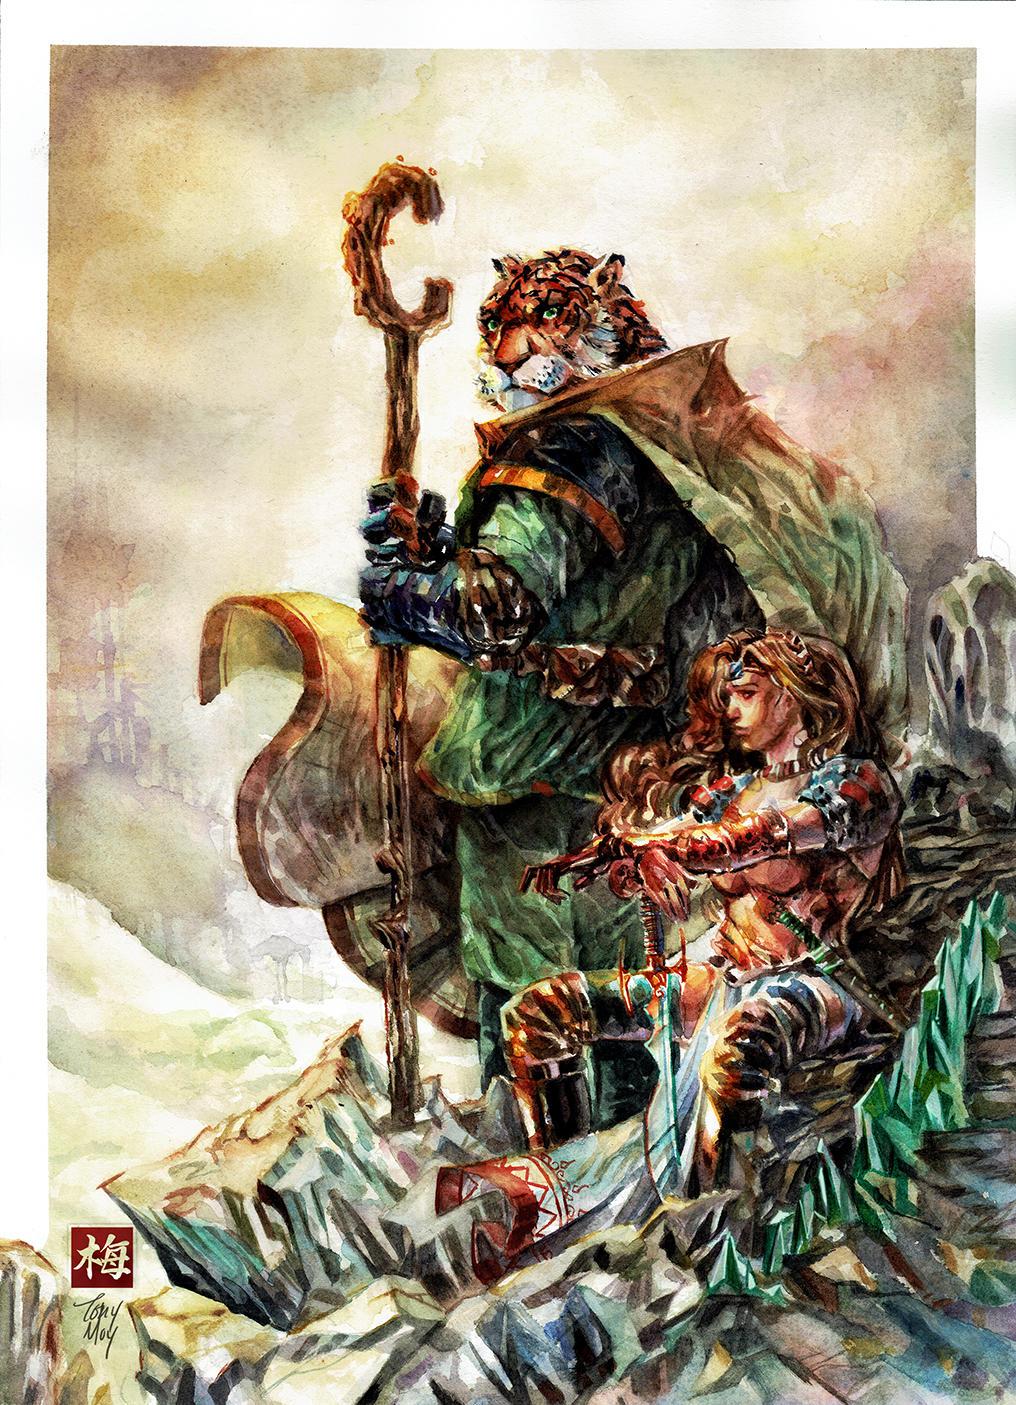 Tellos - Fantasy Watercolor by dreamflux1